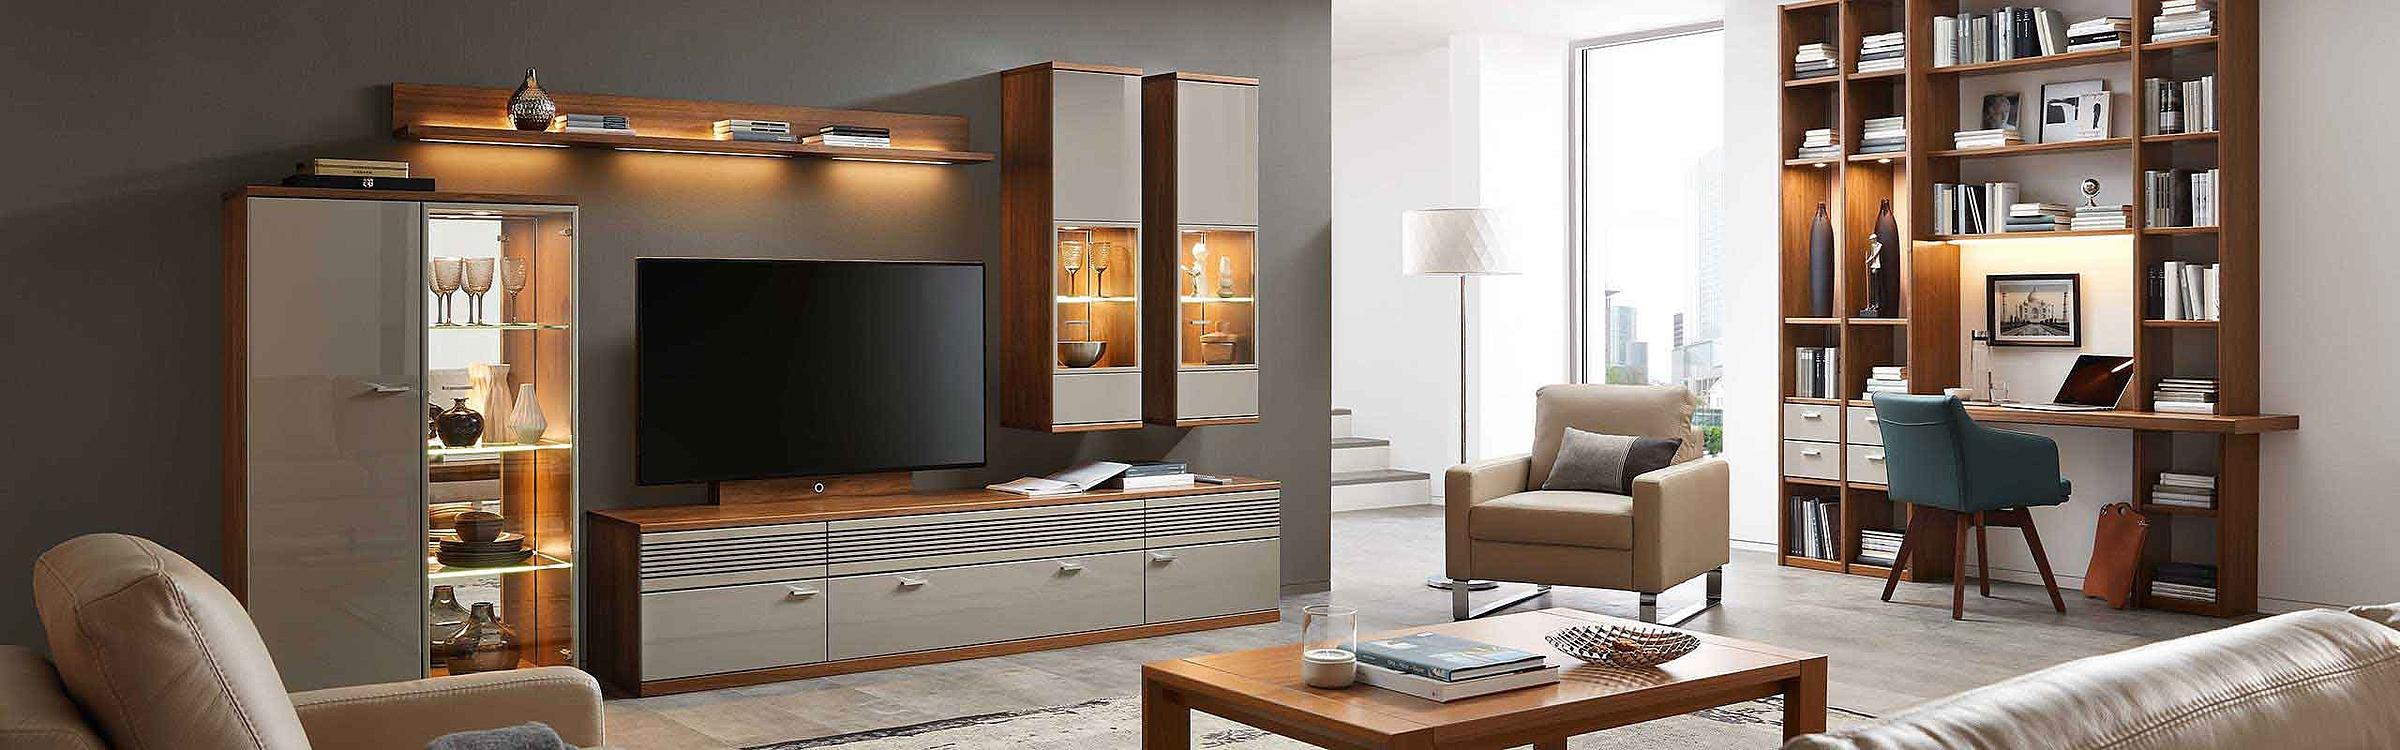 Wohnwand Couchtisch Schreibplatz Wohnzimmer Manhattan Holz Nussbaum nova